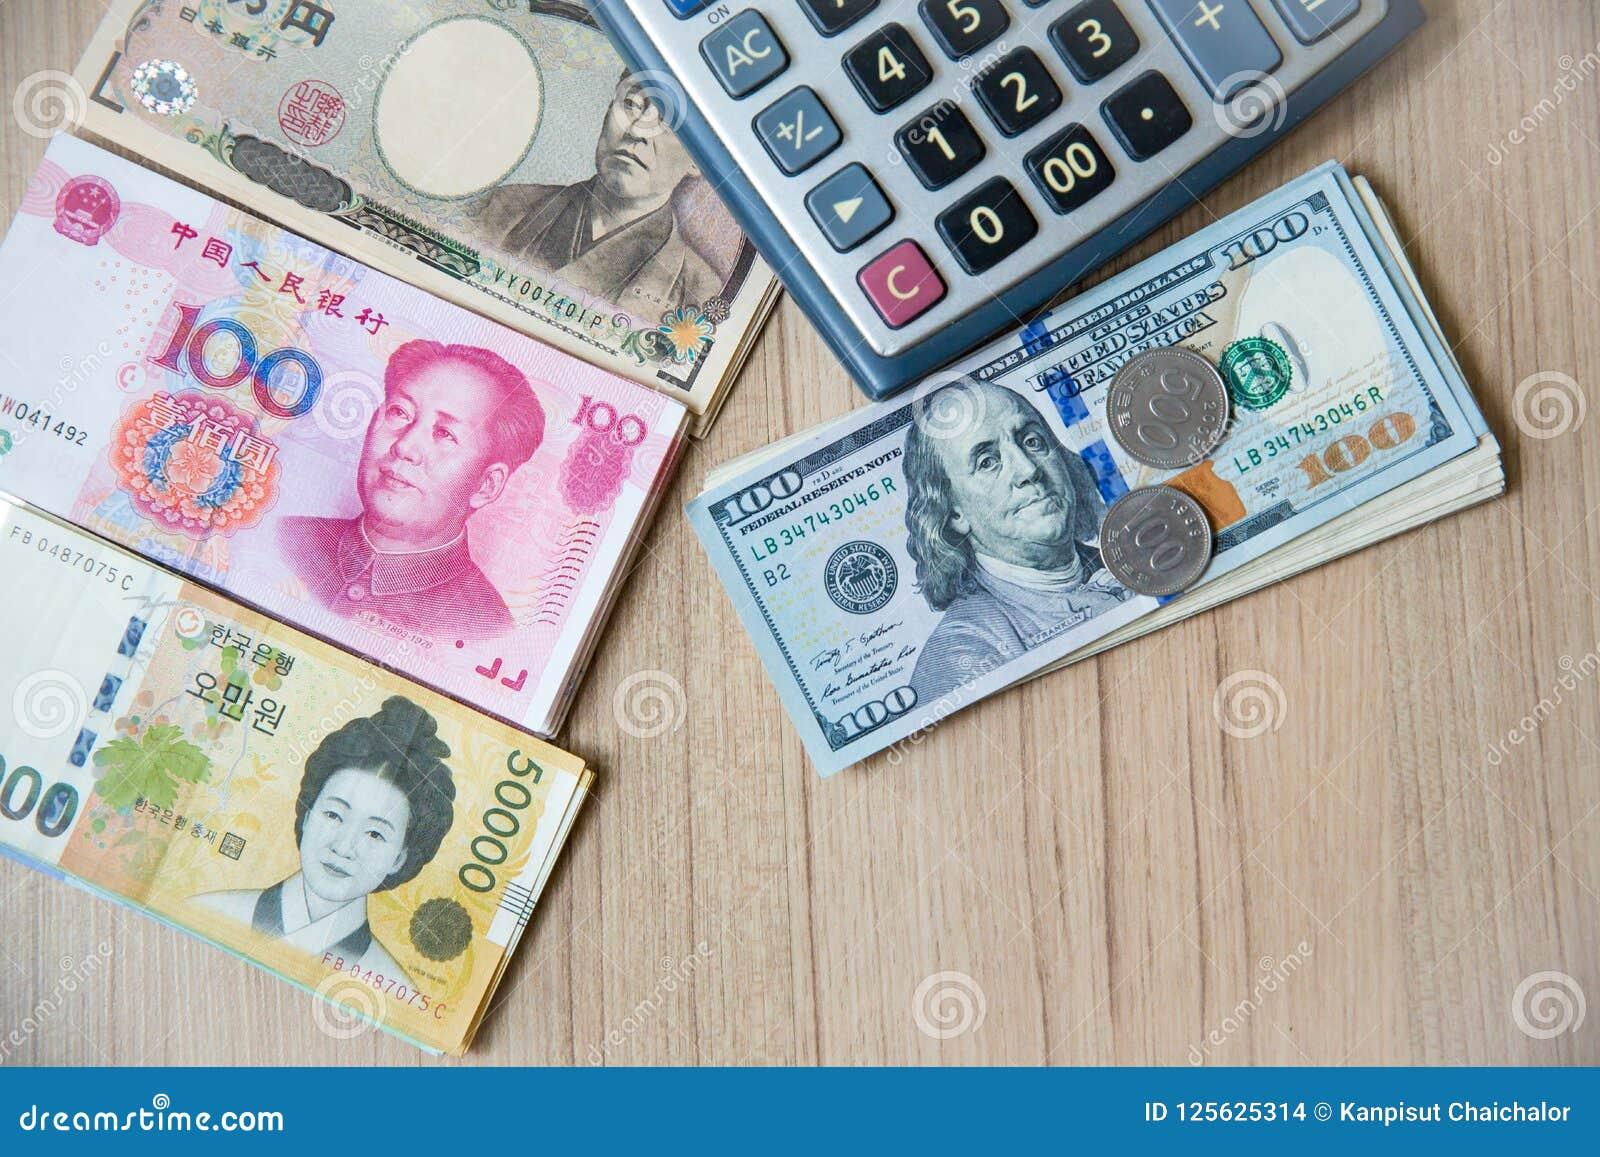 Molto Valuta Della Banconota Yen Giappone Euro Ue Yuan